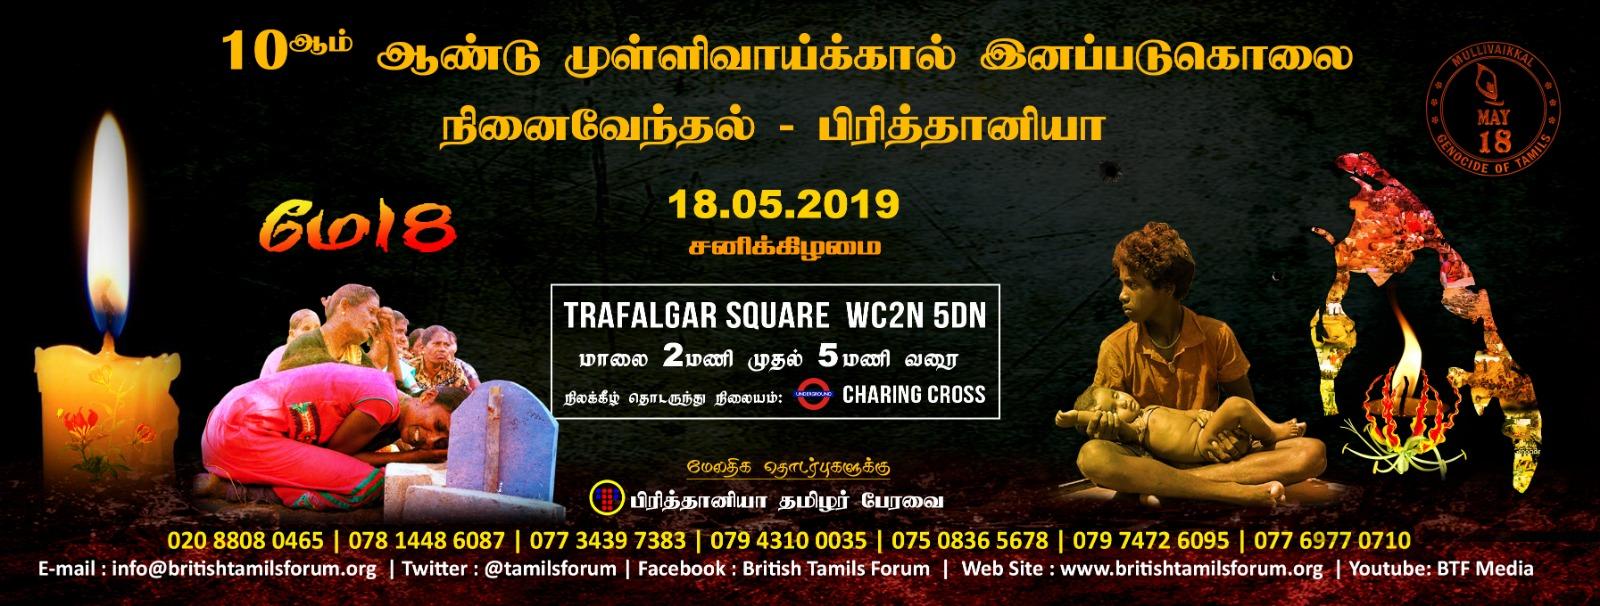 10th Memorial of Tamil Genocide